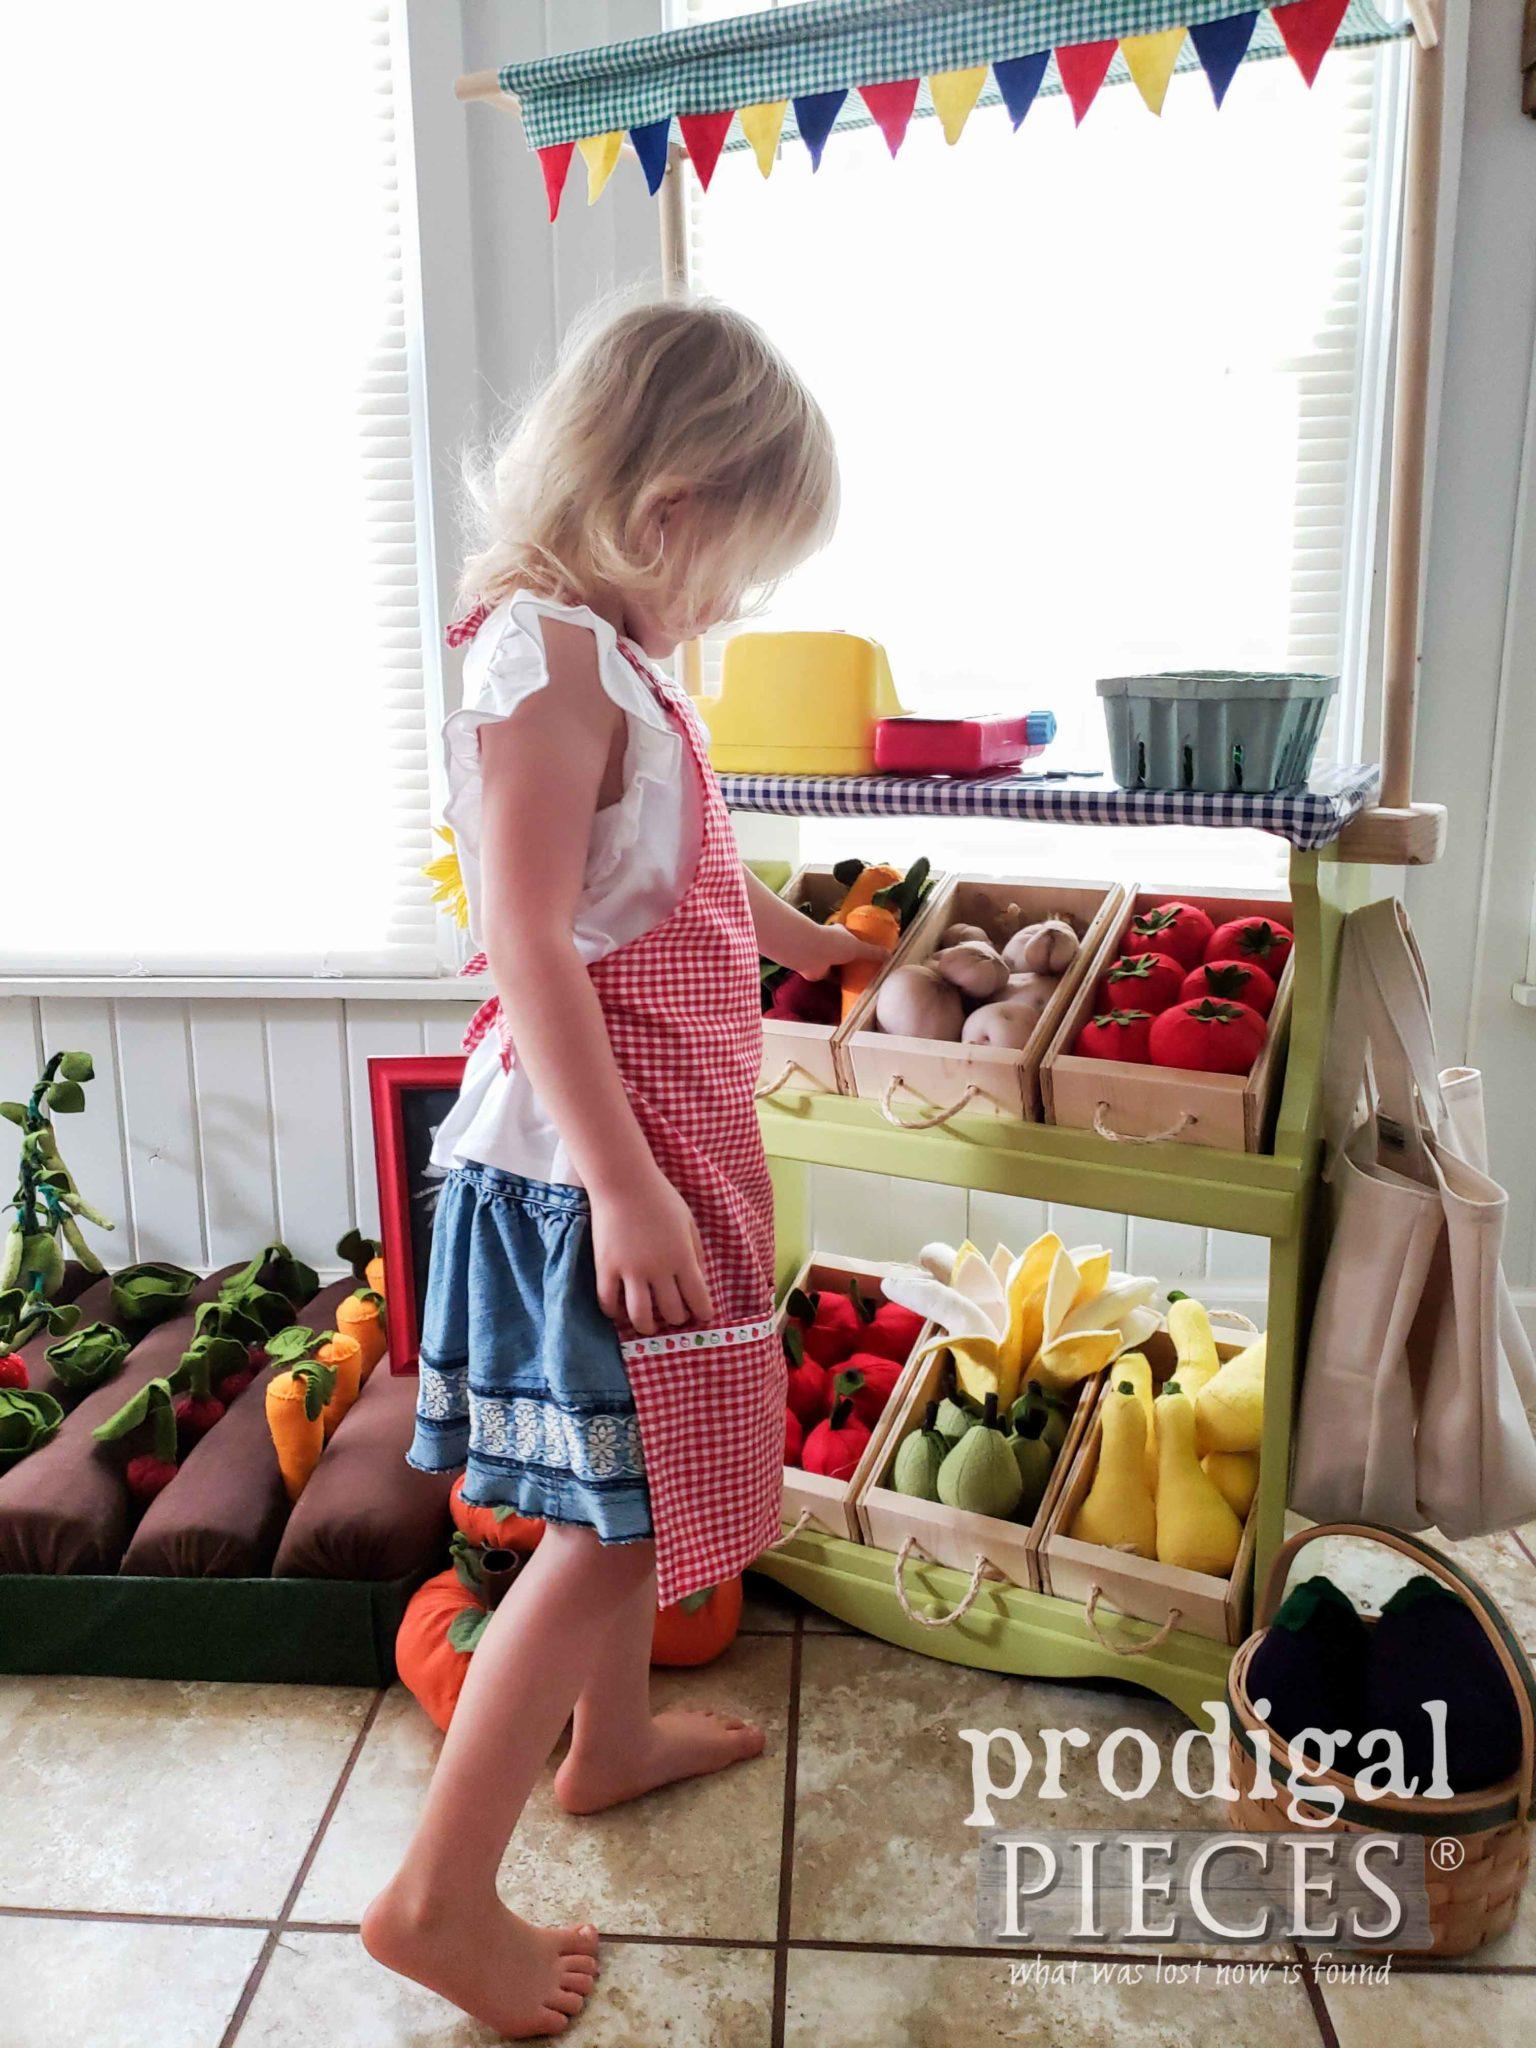 Pretend Play Farmer's Market made by Larissa of Prodigal Pieces | prodigalpieces.com